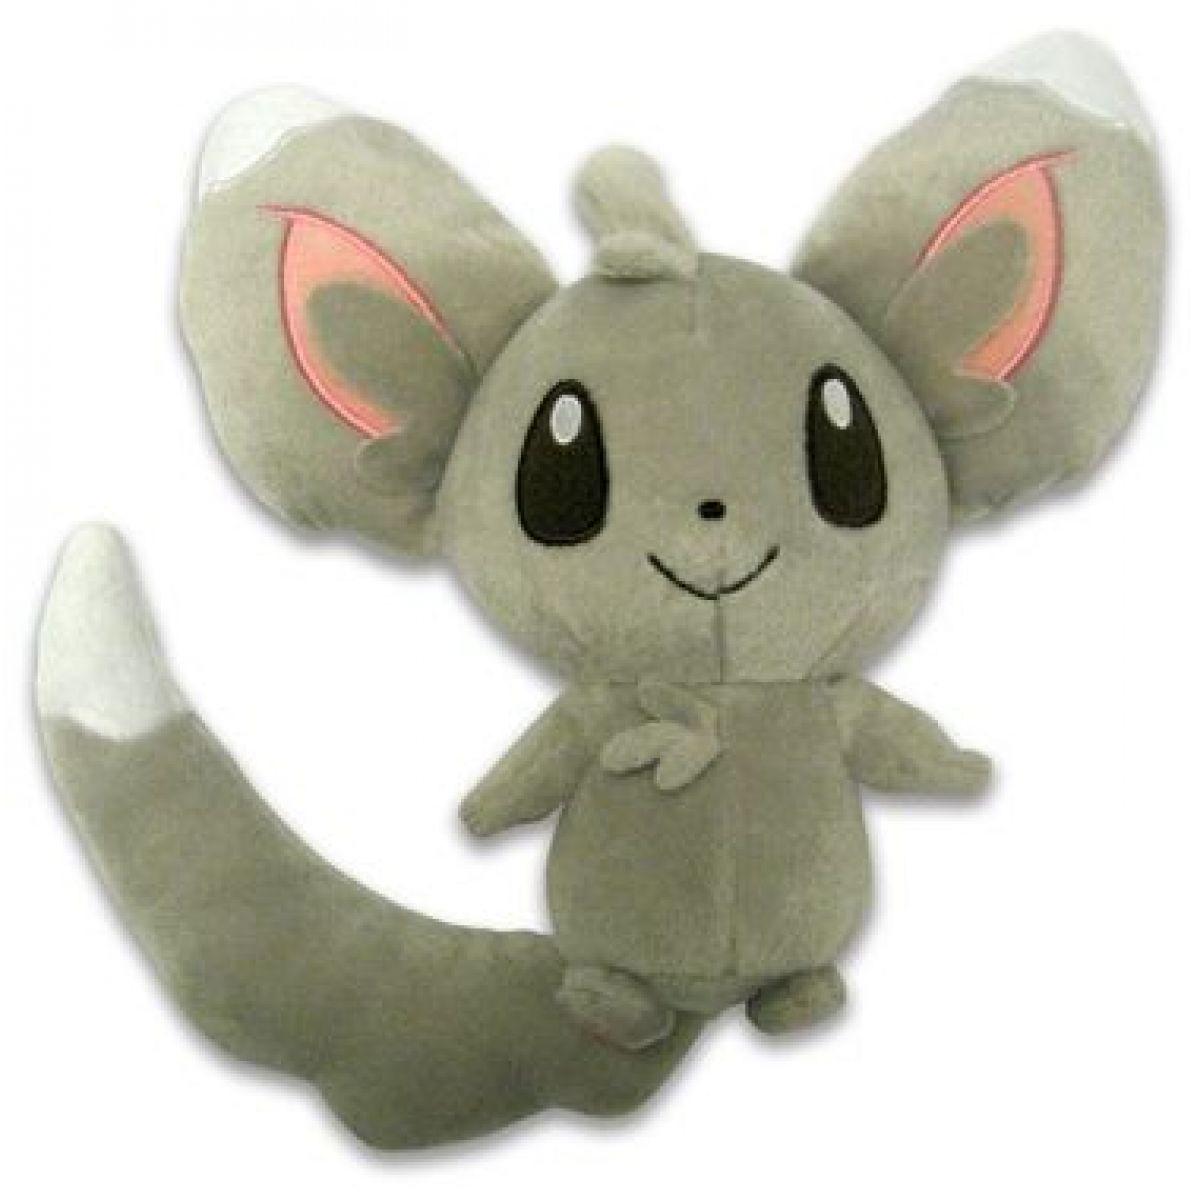 Pokémon 2 kolekce plyšová postavička 20 cm - Minccino